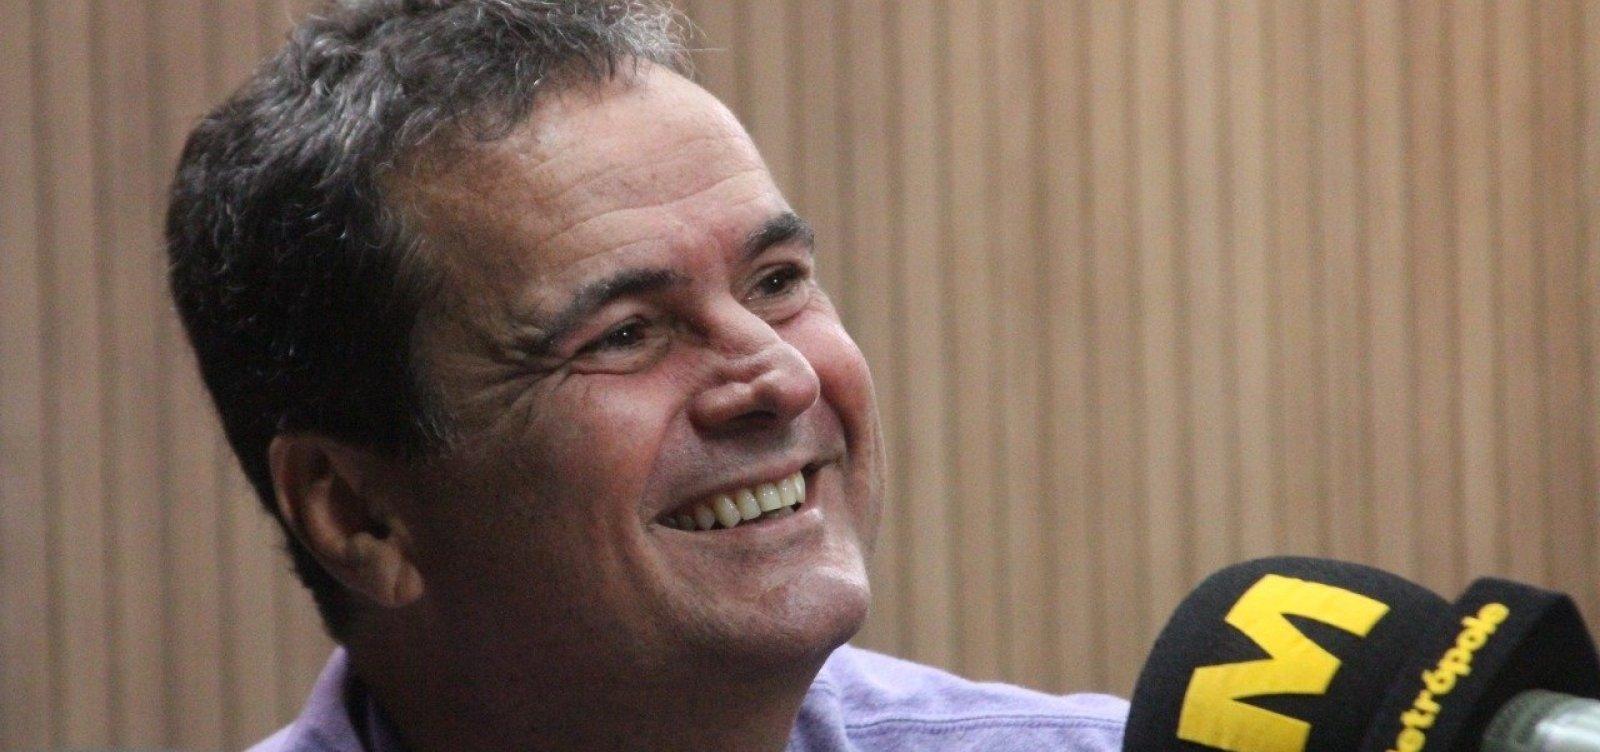 [Ricardo Chaves lembra críticas ao parar de puxar blocos: 'Muita gente torceu o nariz']